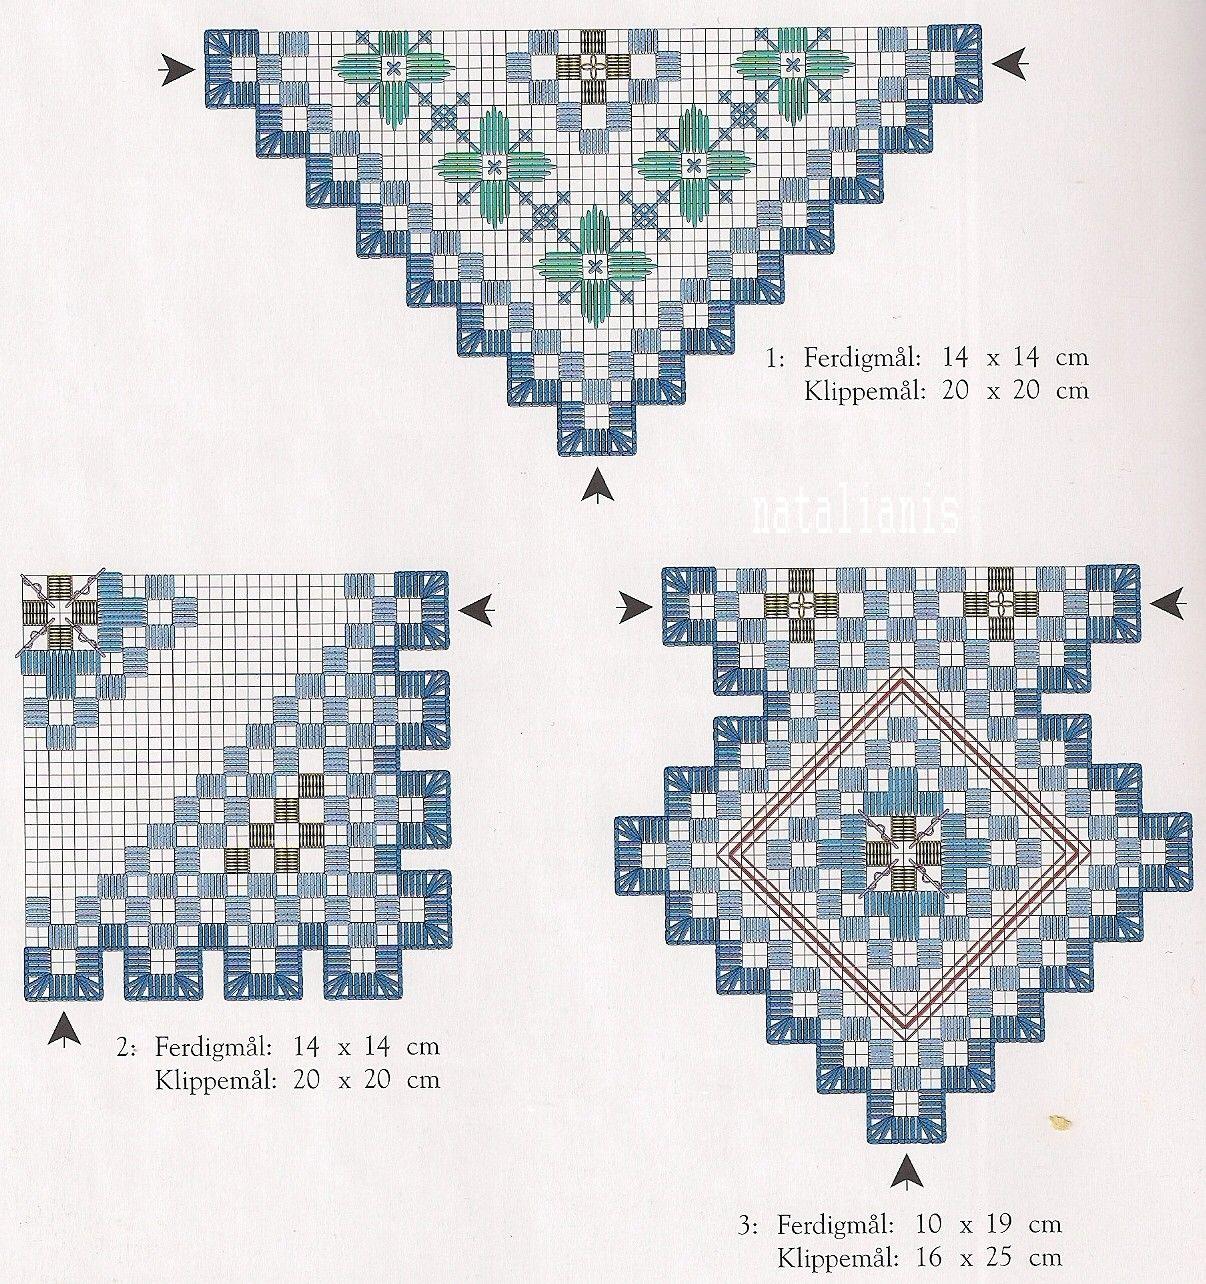 сканирование0002.jpg 1,206×1,284 pixeles